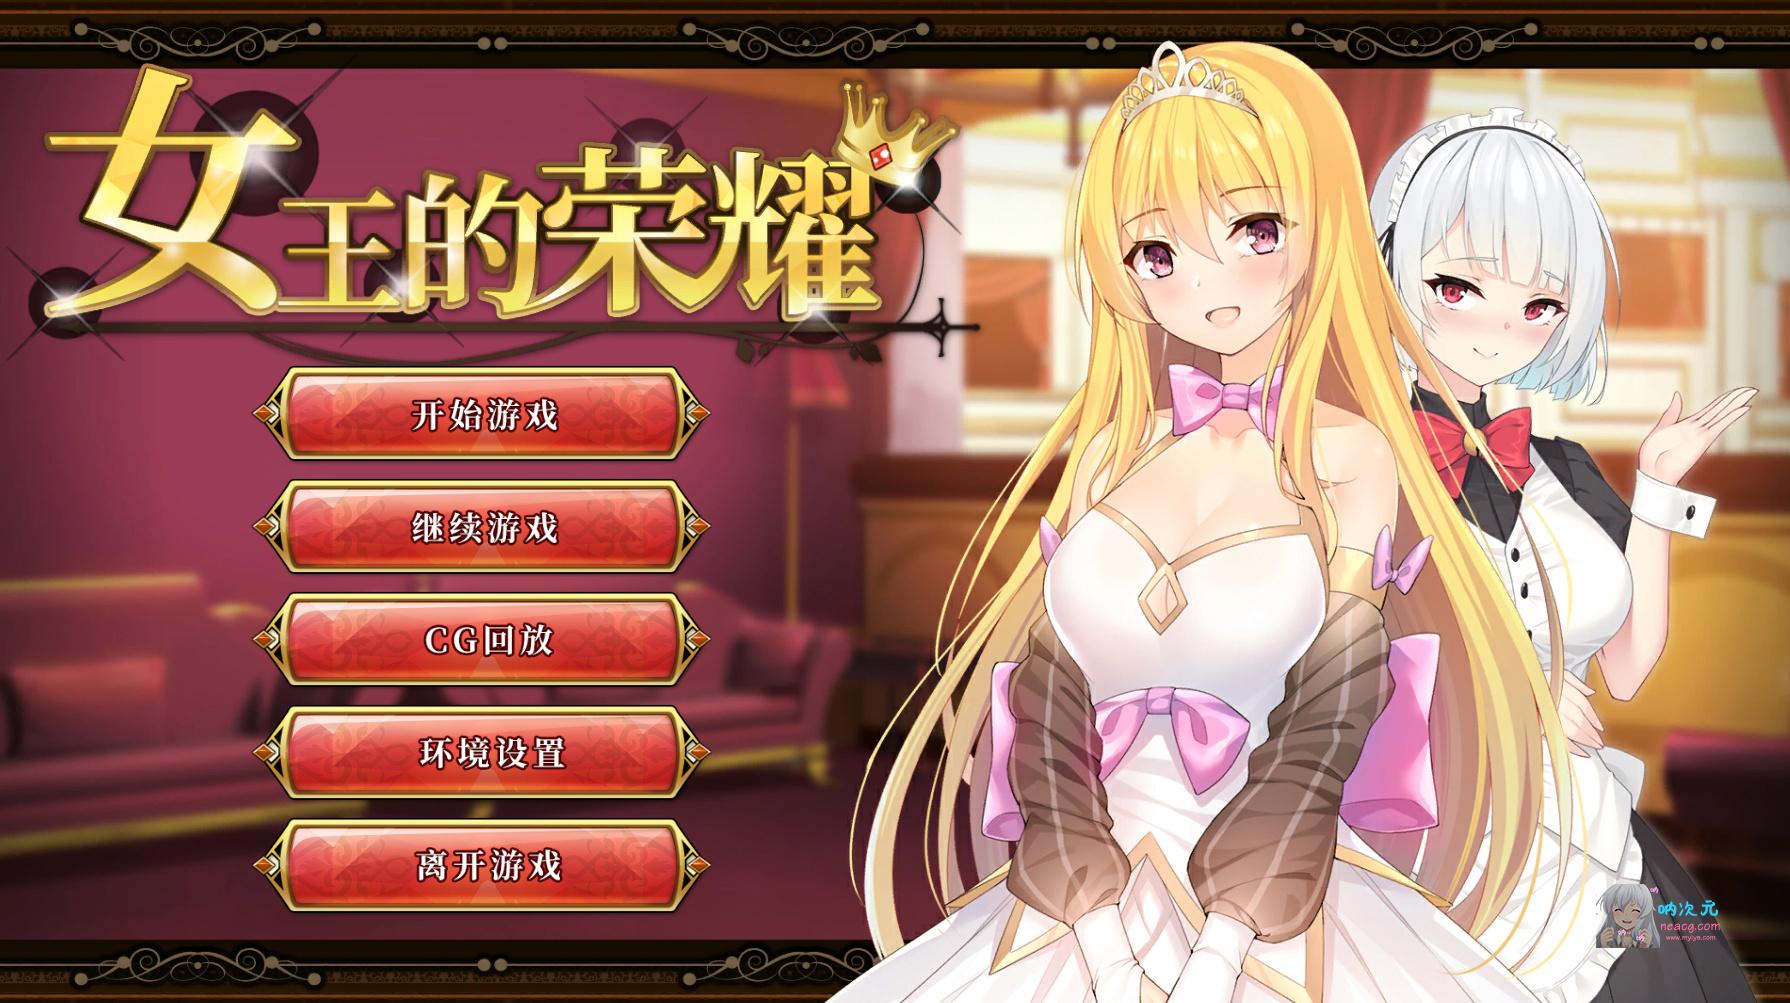 女王的荣耀:真!完整中文步兵版【经营养成SLG/中文/步兵/完坑/PC+安卓/2G】